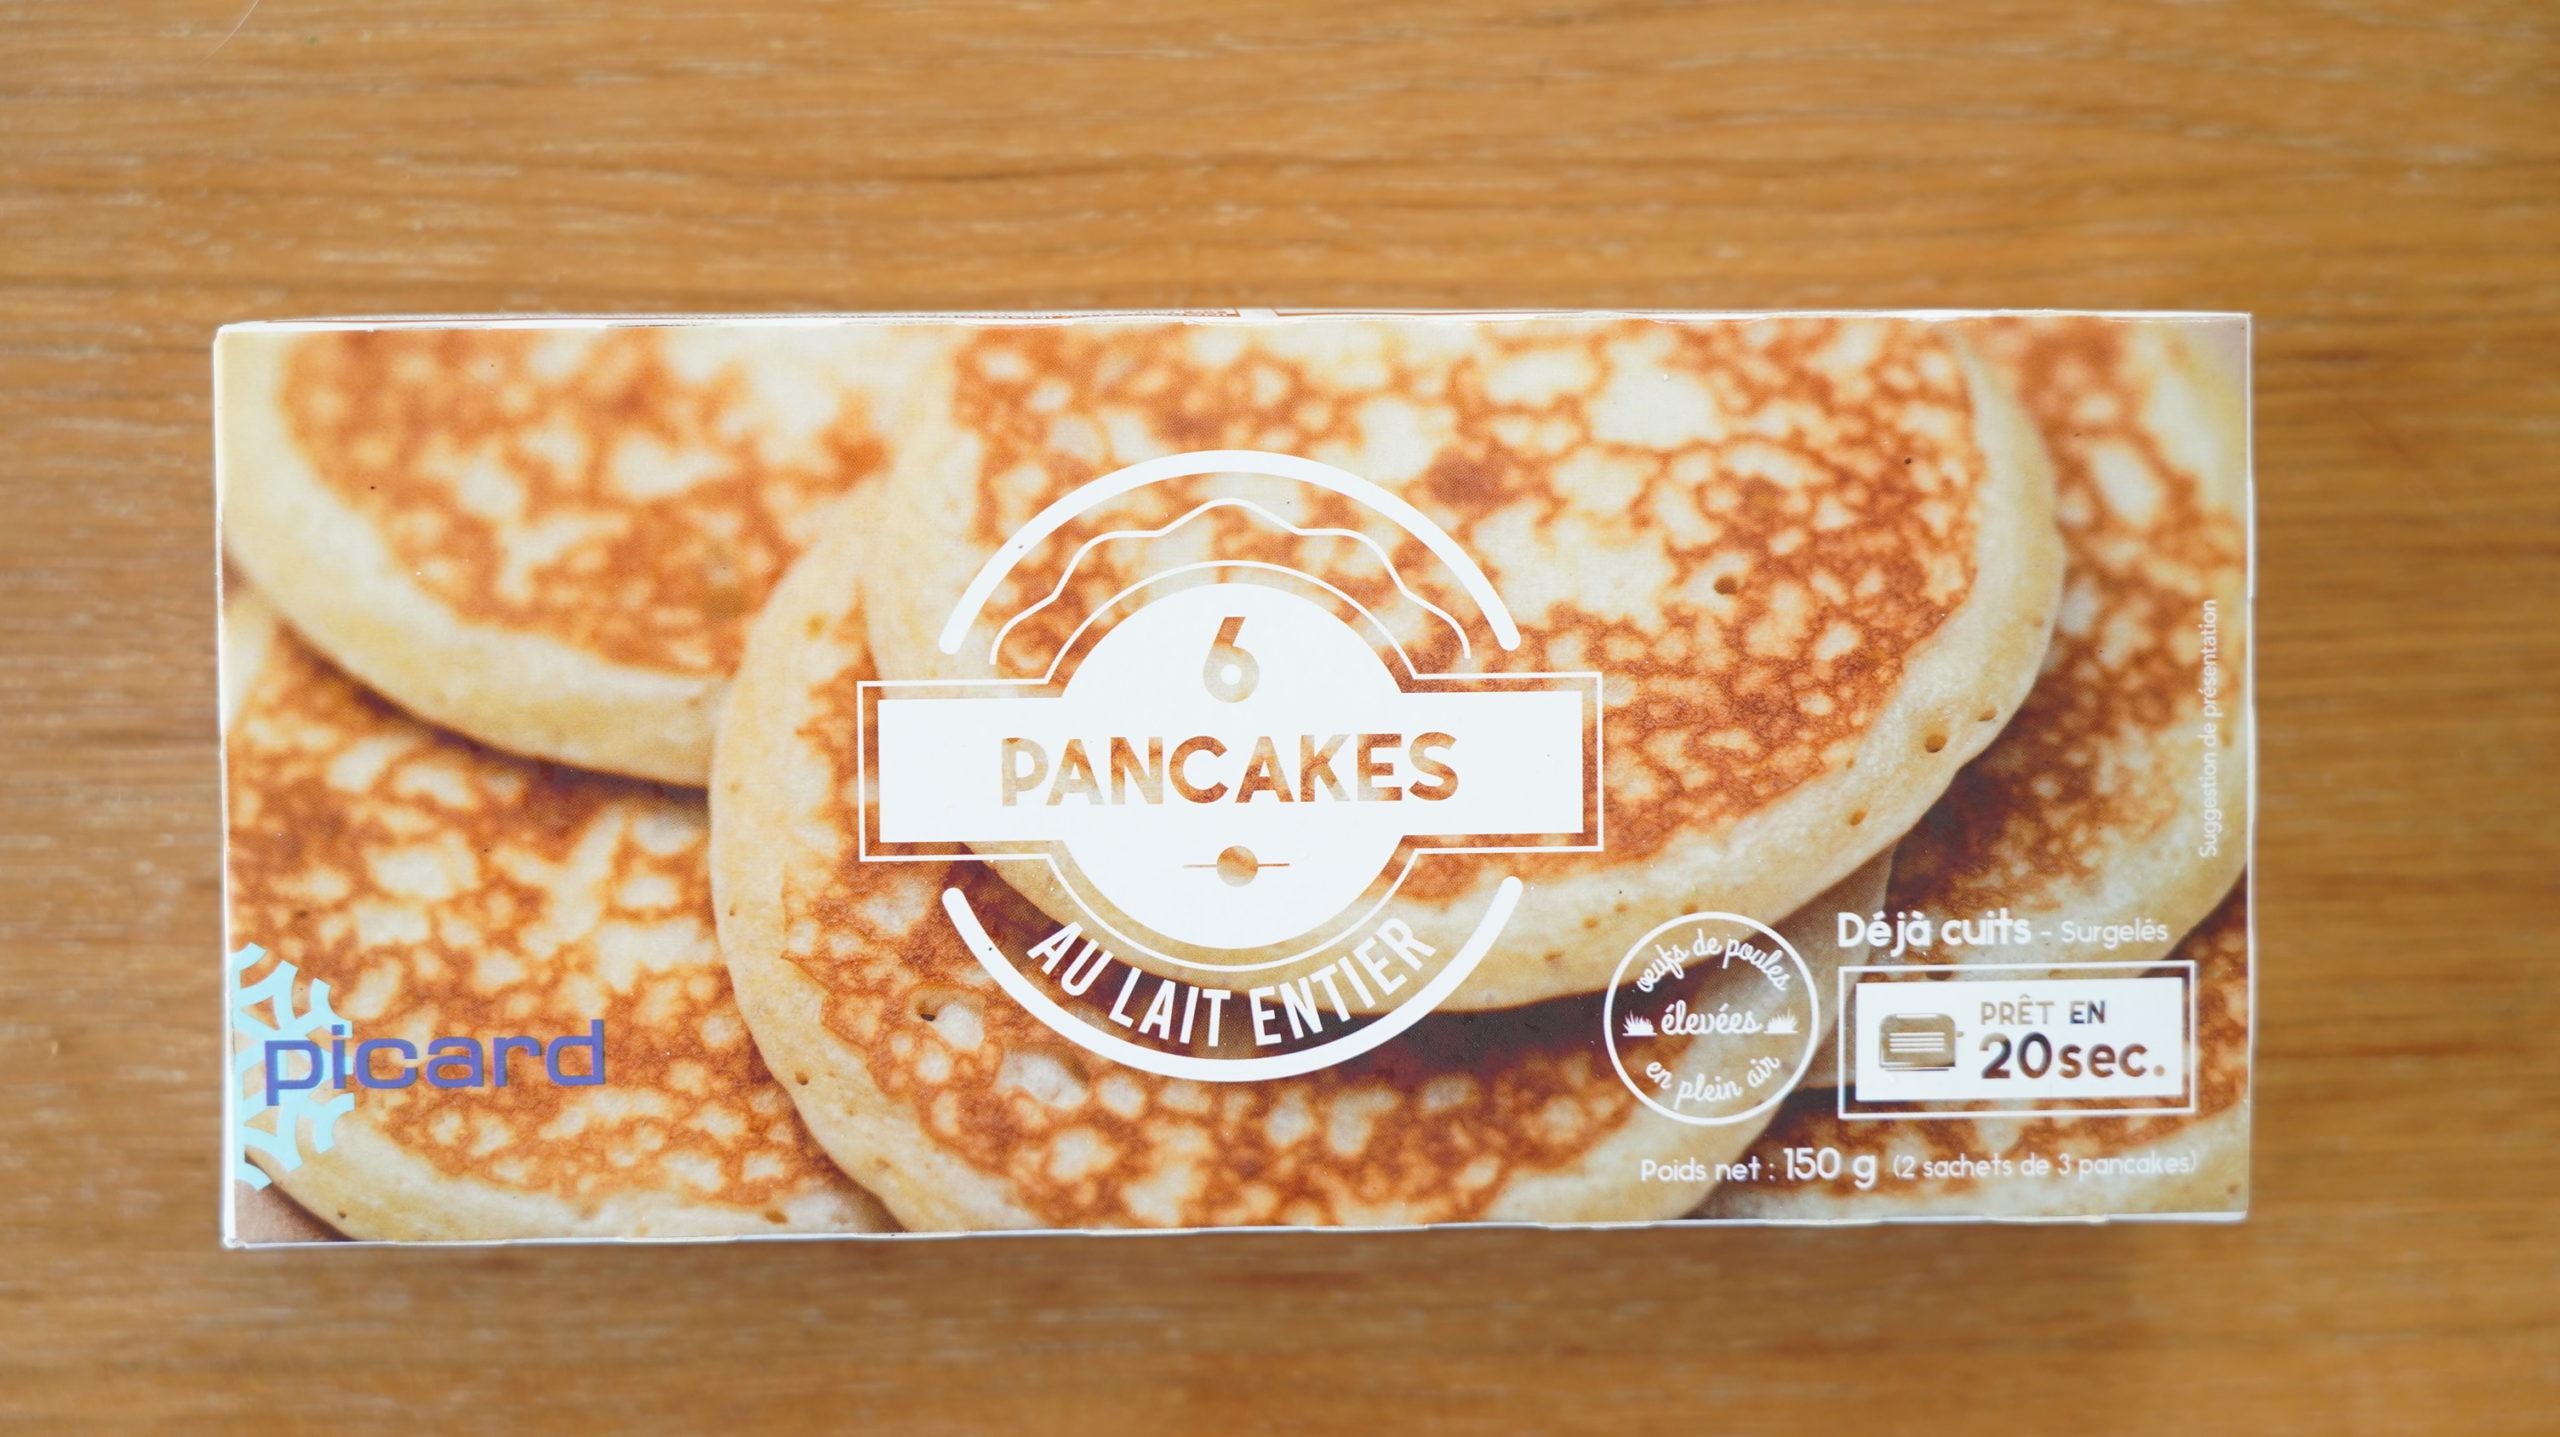 ピカールのおすすめ冷凍食品「パンケーキ」のパッケージ写真